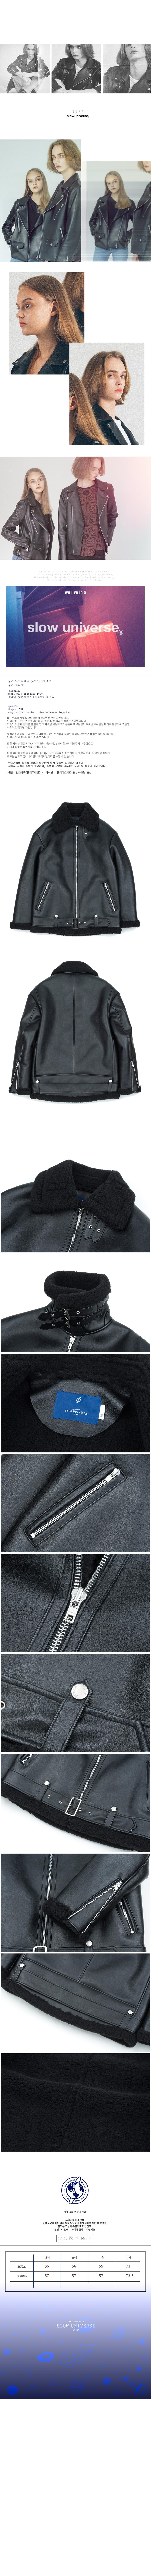 슬로우유니버스 (유니섹스) 타입 비-3 무톤 재킷 (블랙)